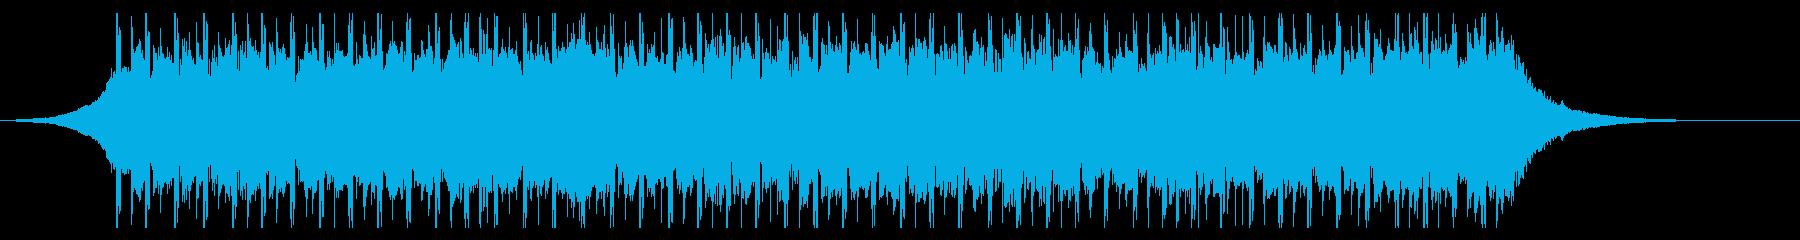 インフォグラフィック(30秒)の再生済みの波形